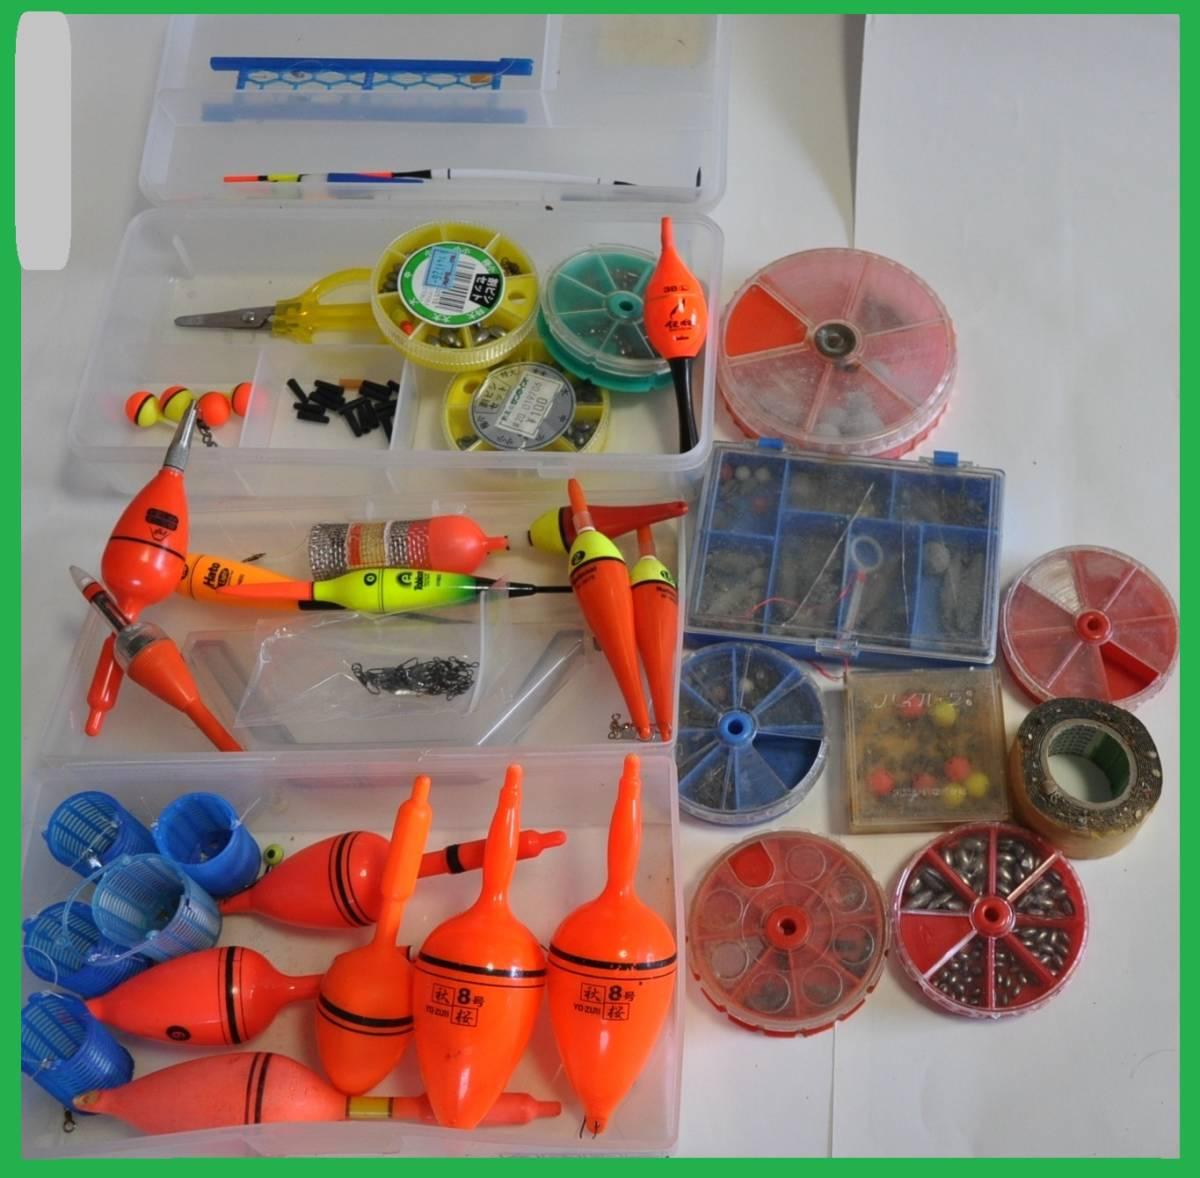 大量 釣り道具 浮き、針、錘、他小物など色々まとめてセット!_画像5